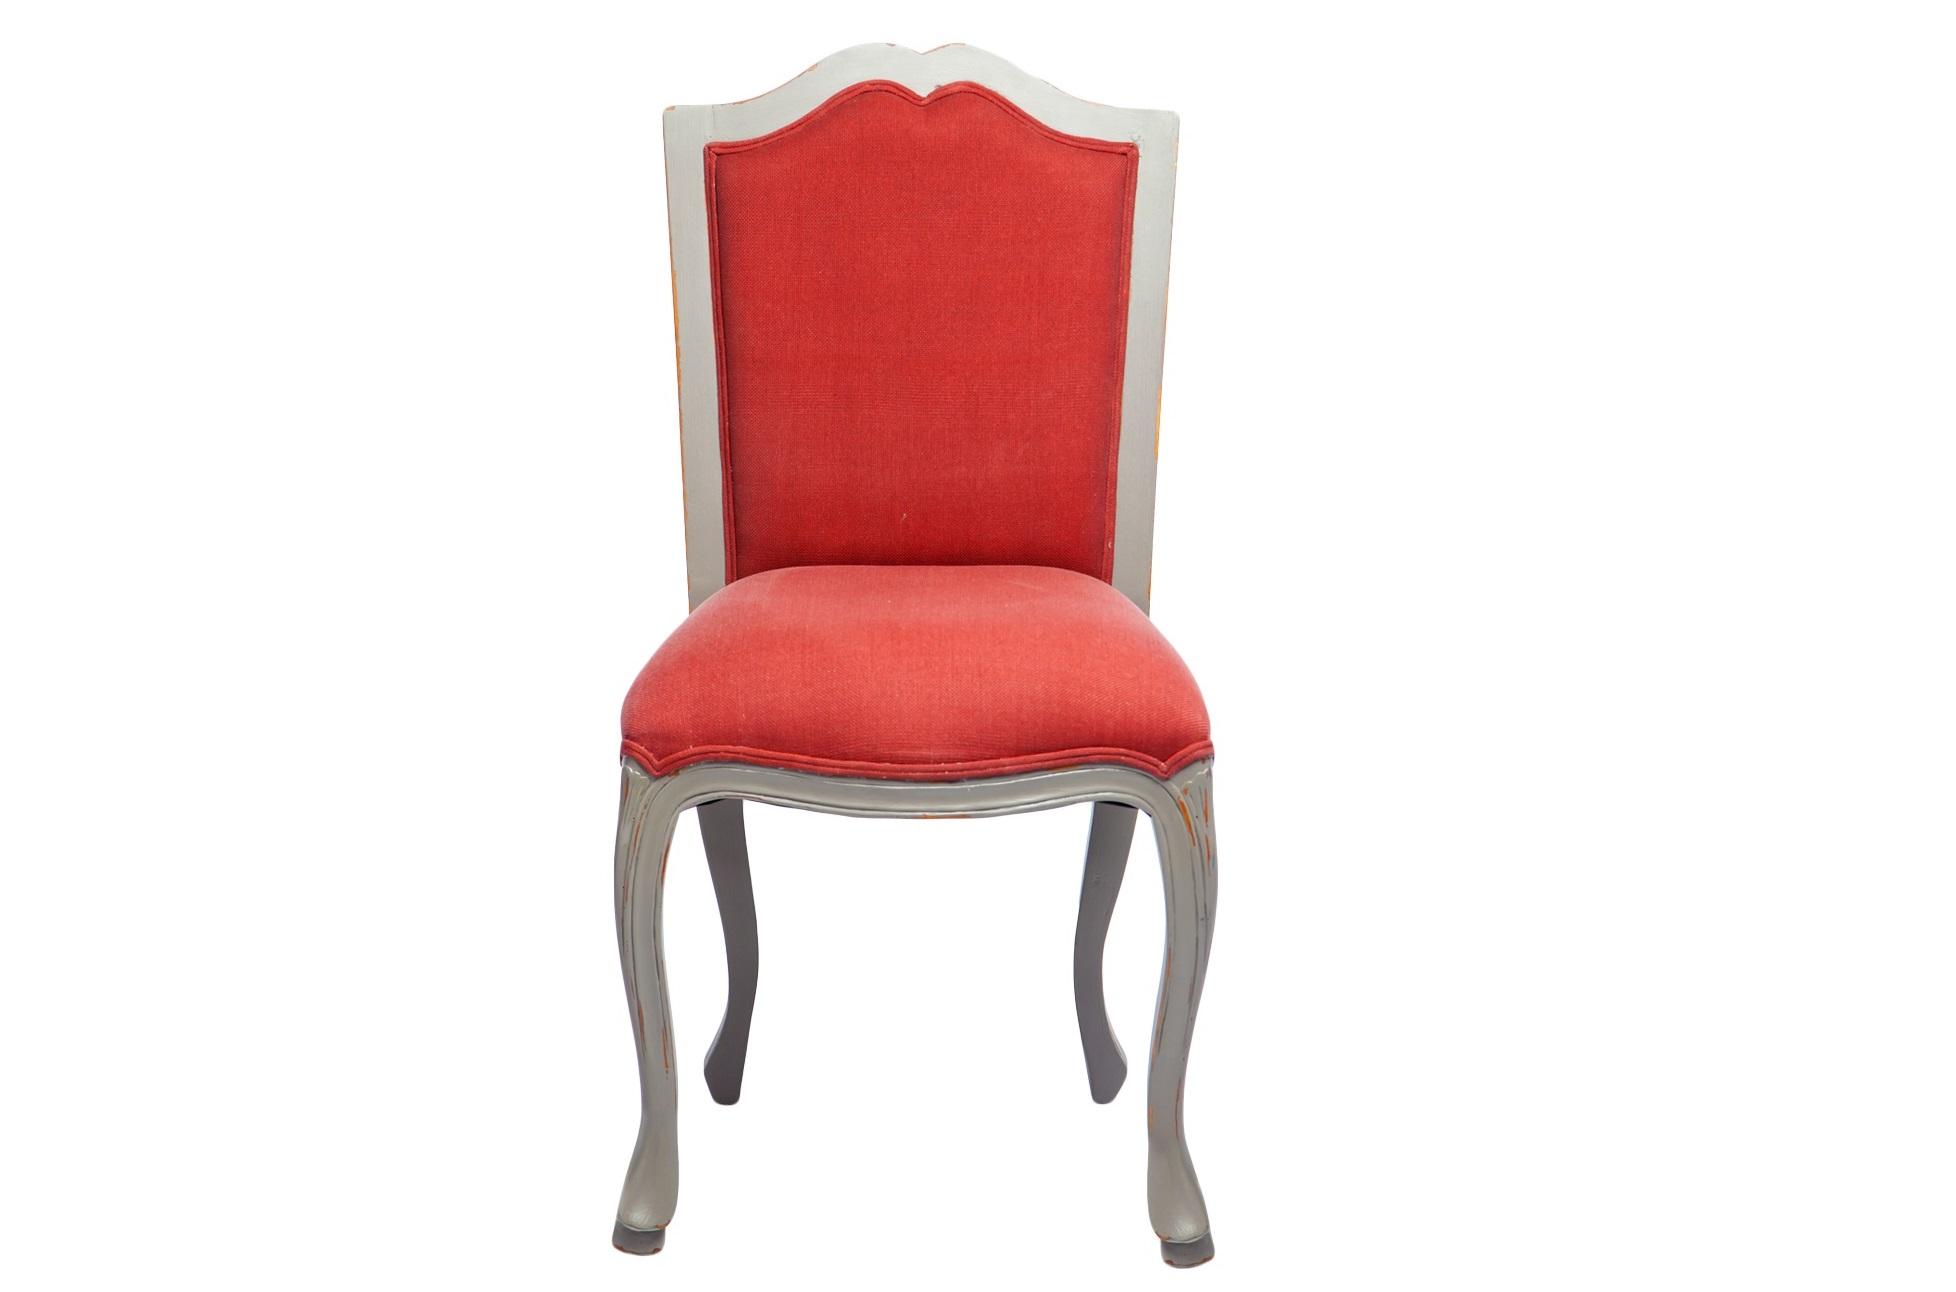 СтулОбеденные стулья<br>Стул из дерева махагони с мягкой спинкой. Серый цвет отделки со старением дополняет красная обивка.<br><br>Material: Красное дерево<br>Width см: 53<br>Depth см: 60<br>Height см: 10